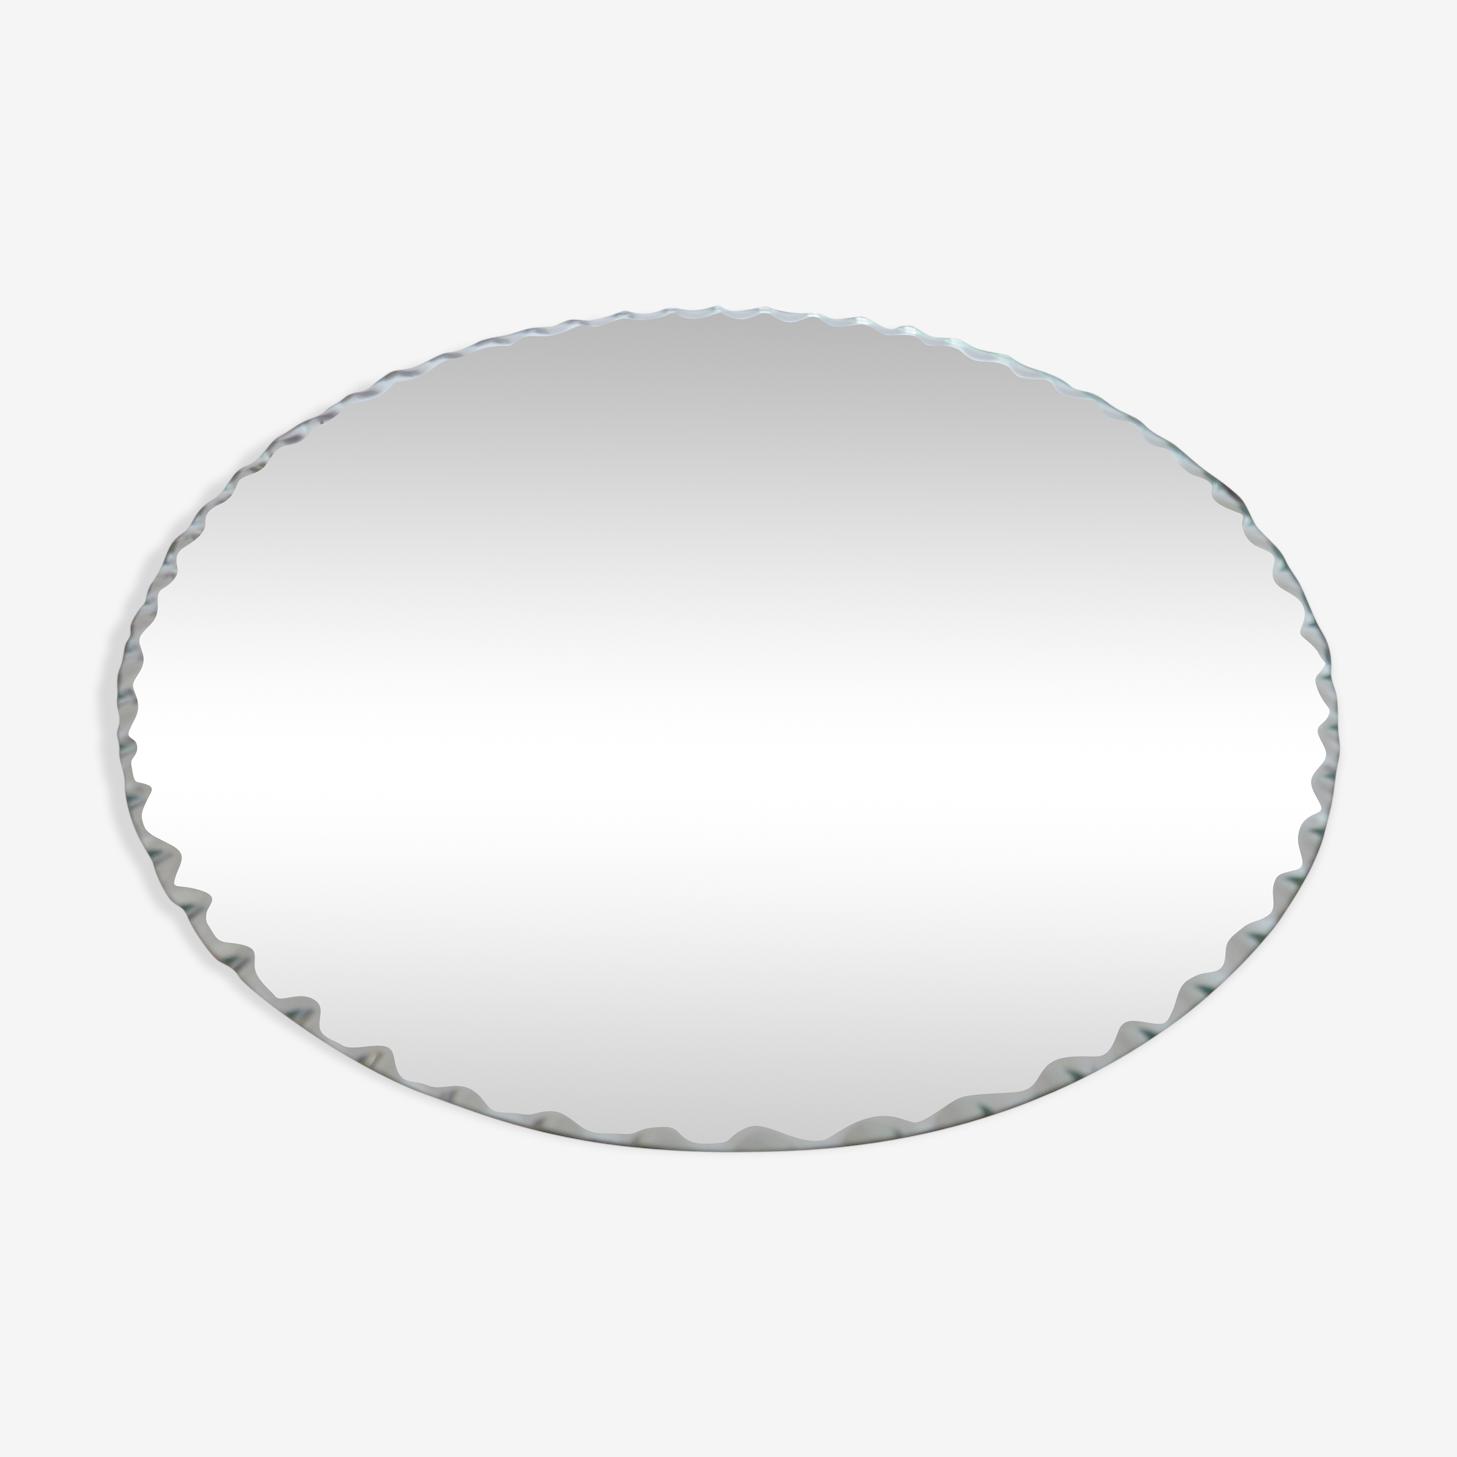 Beveled round mirror 50/60 - 27x27cm